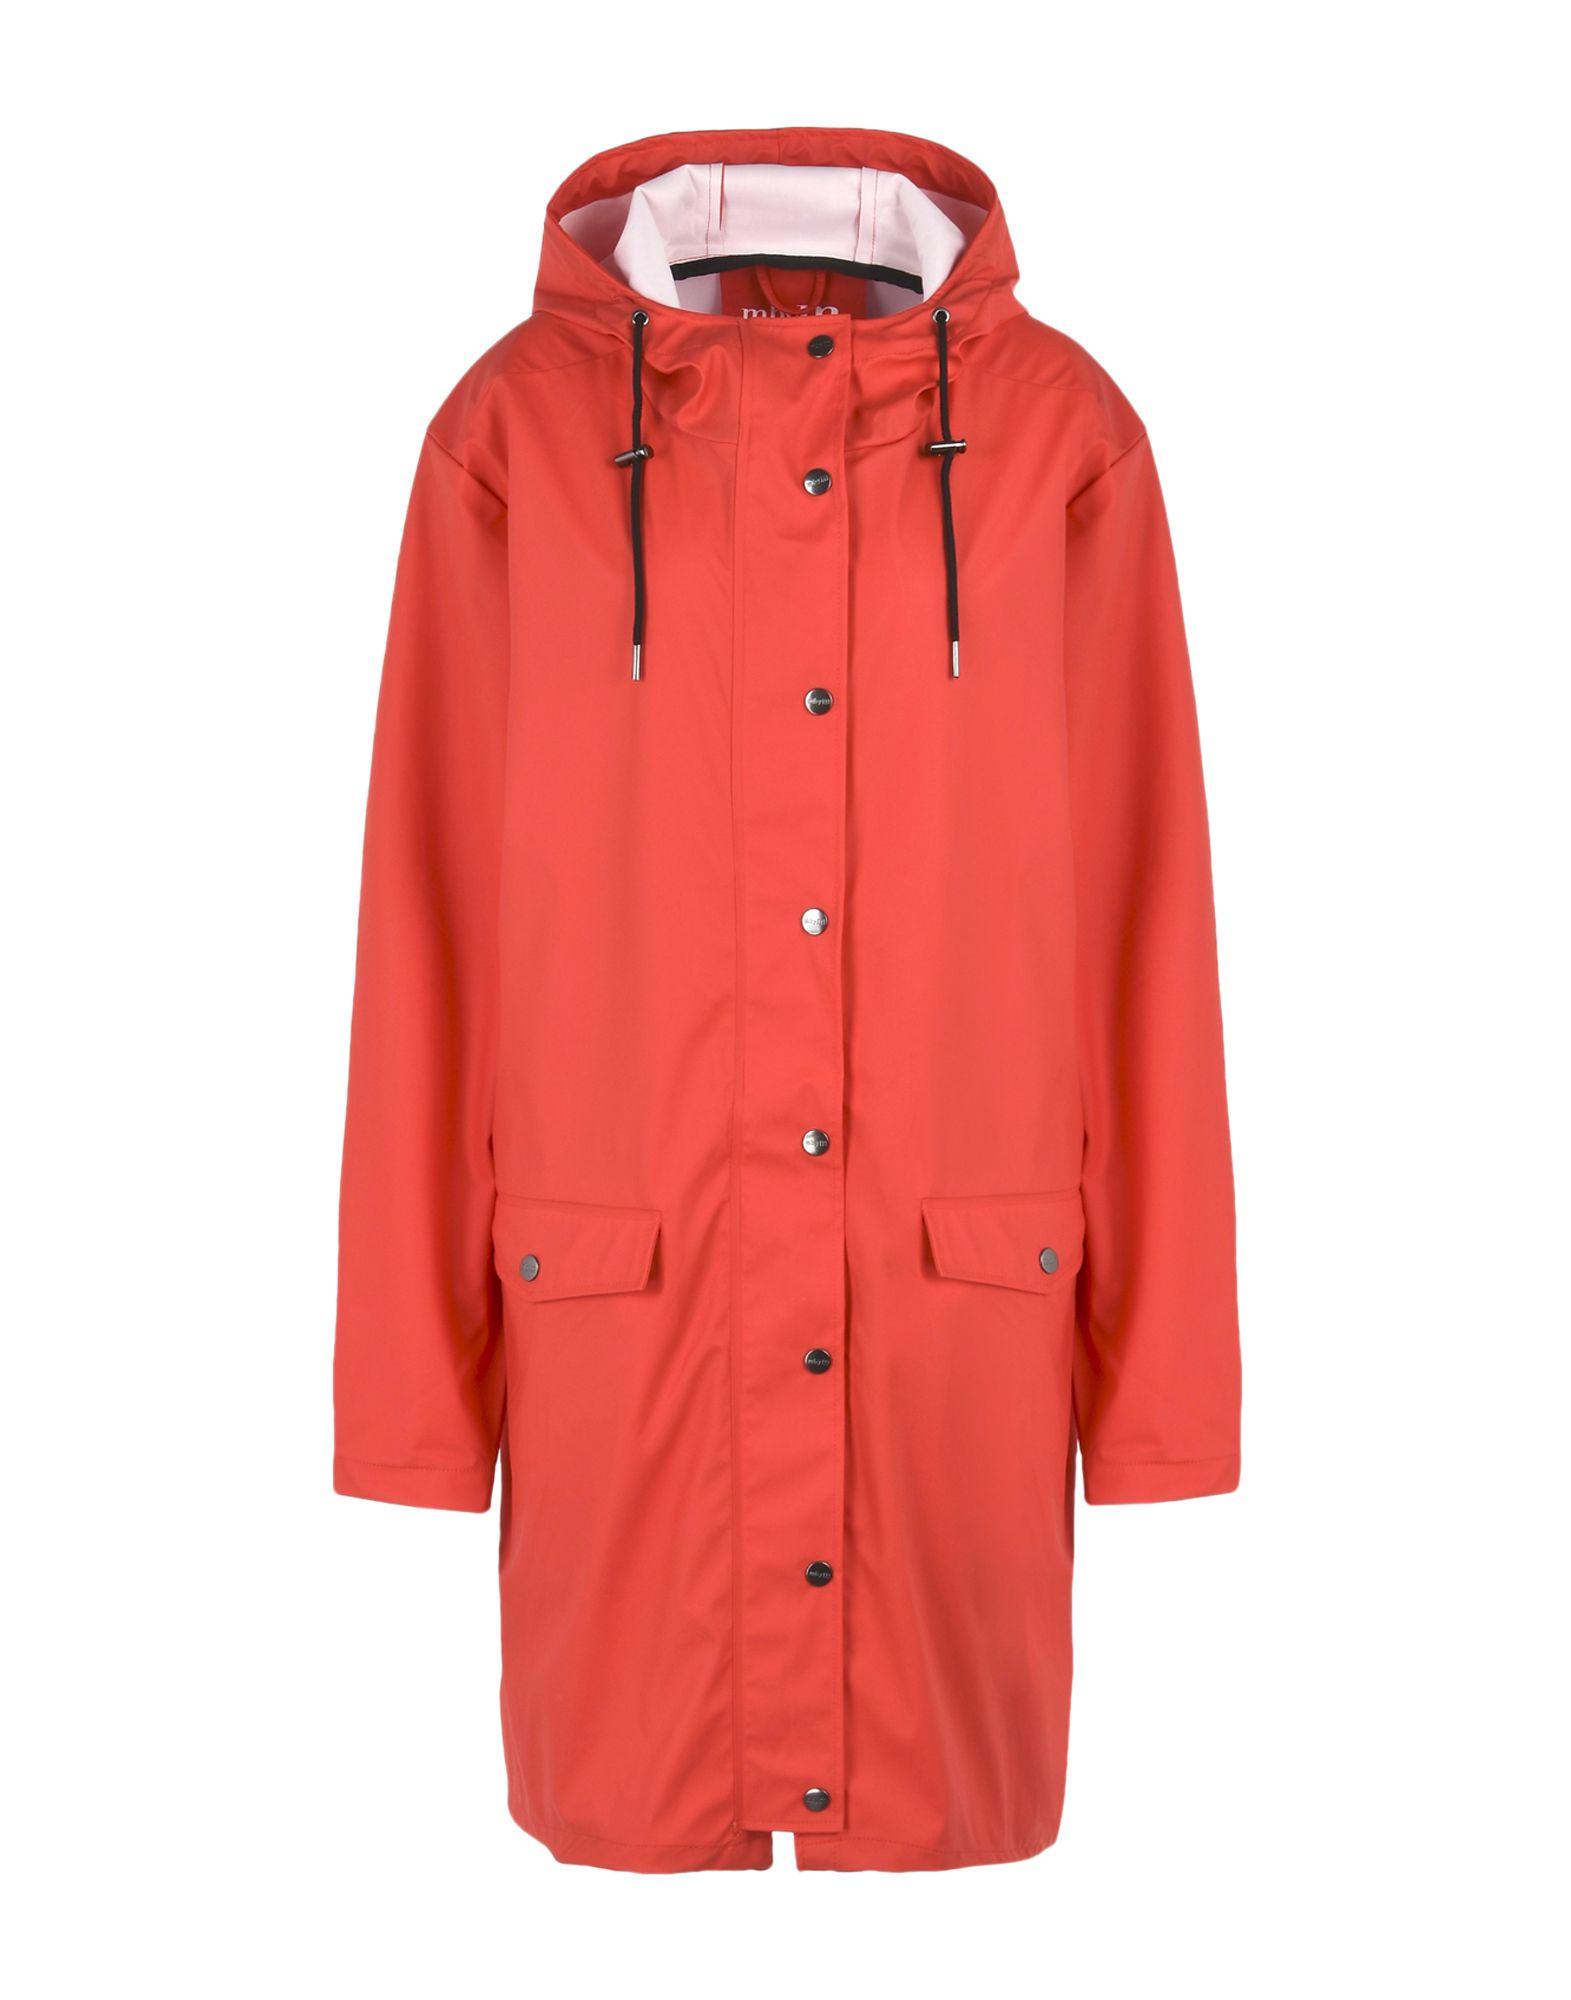 203f47c7 Mbym Fabiola - Full-Length Jacket - Women Mbym Full-Length Jackets ...